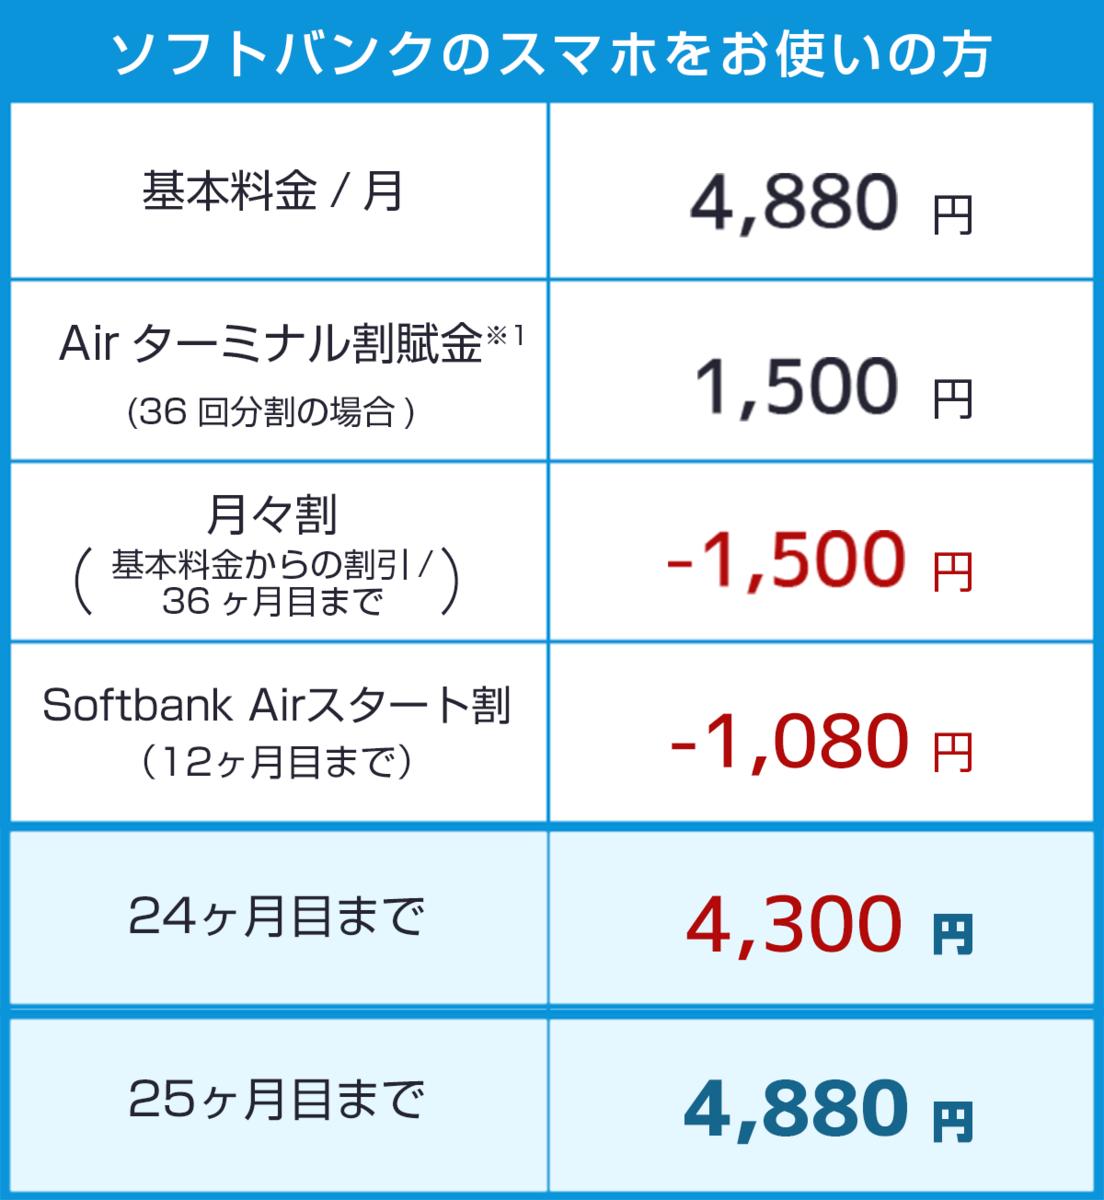 f:id:yokosai:20190725204129p:plain